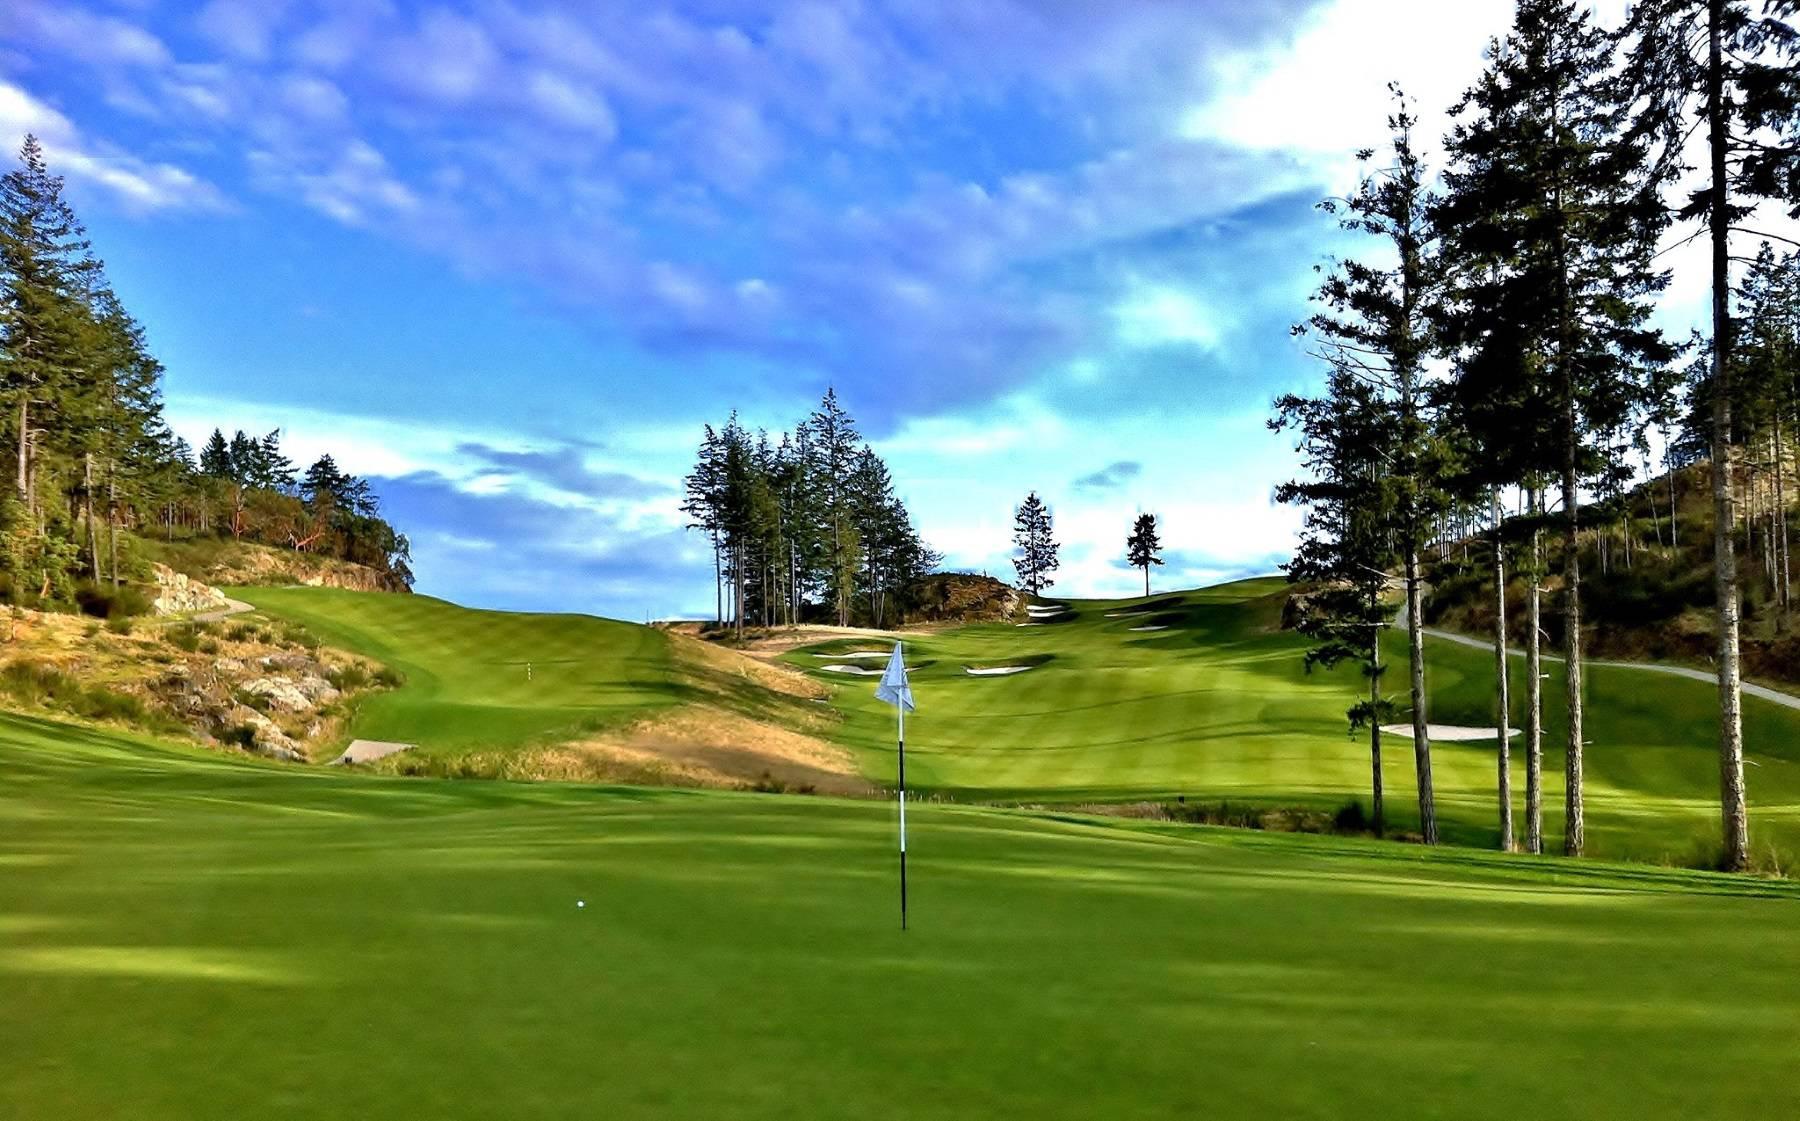 Westin-Bear-Mountain-Golf-Resort-Mountain-Course-2